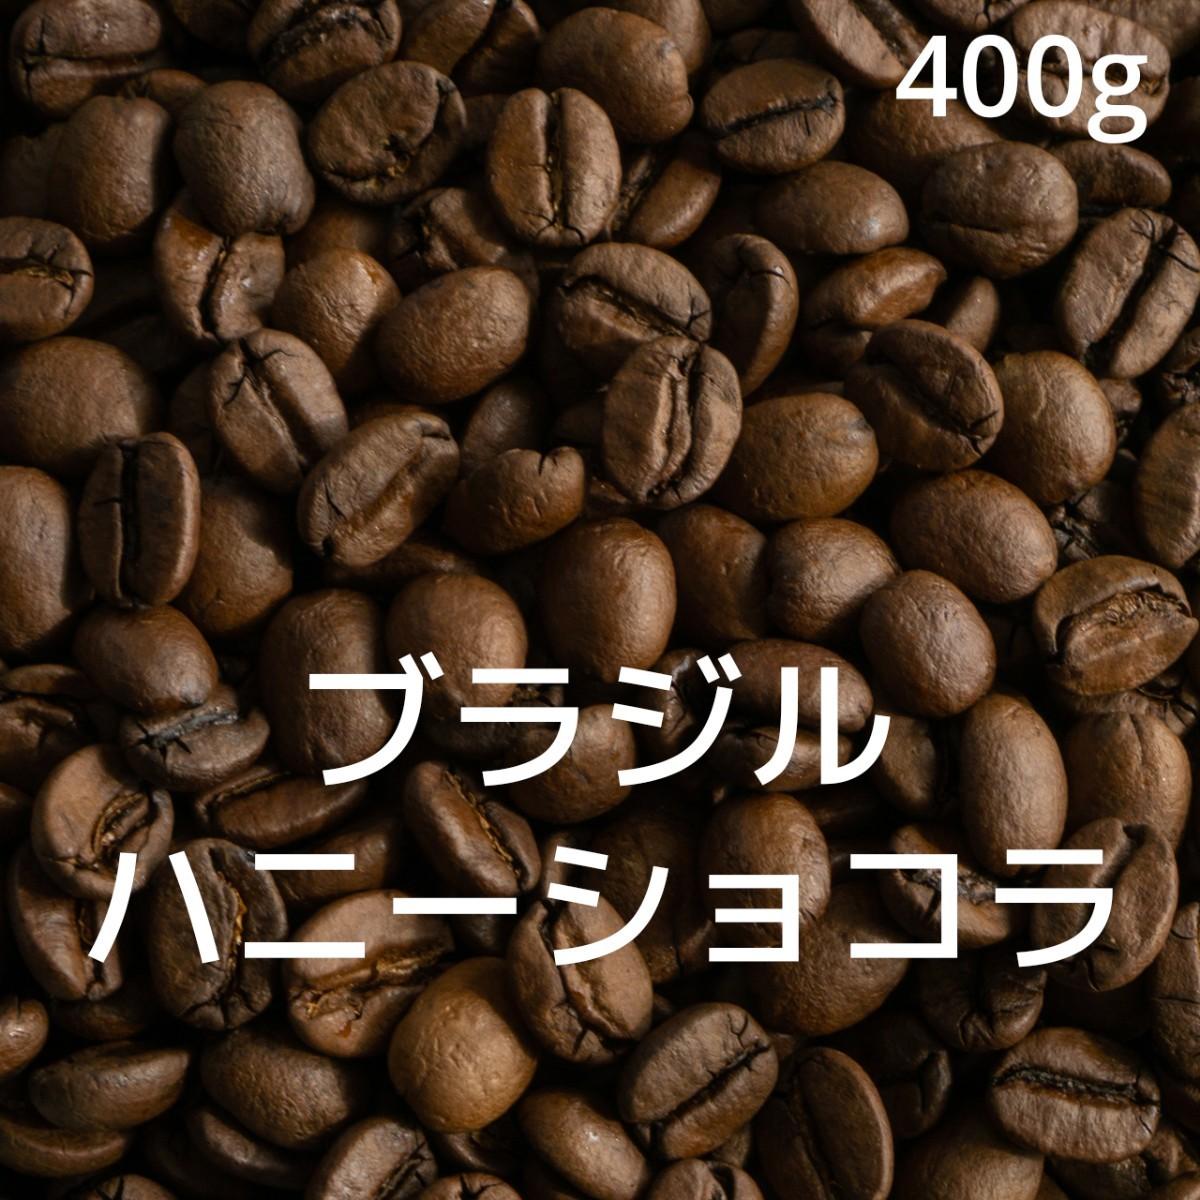 ブラジル ハニーショコラ 400g 自家焙煎 コーヒー豆